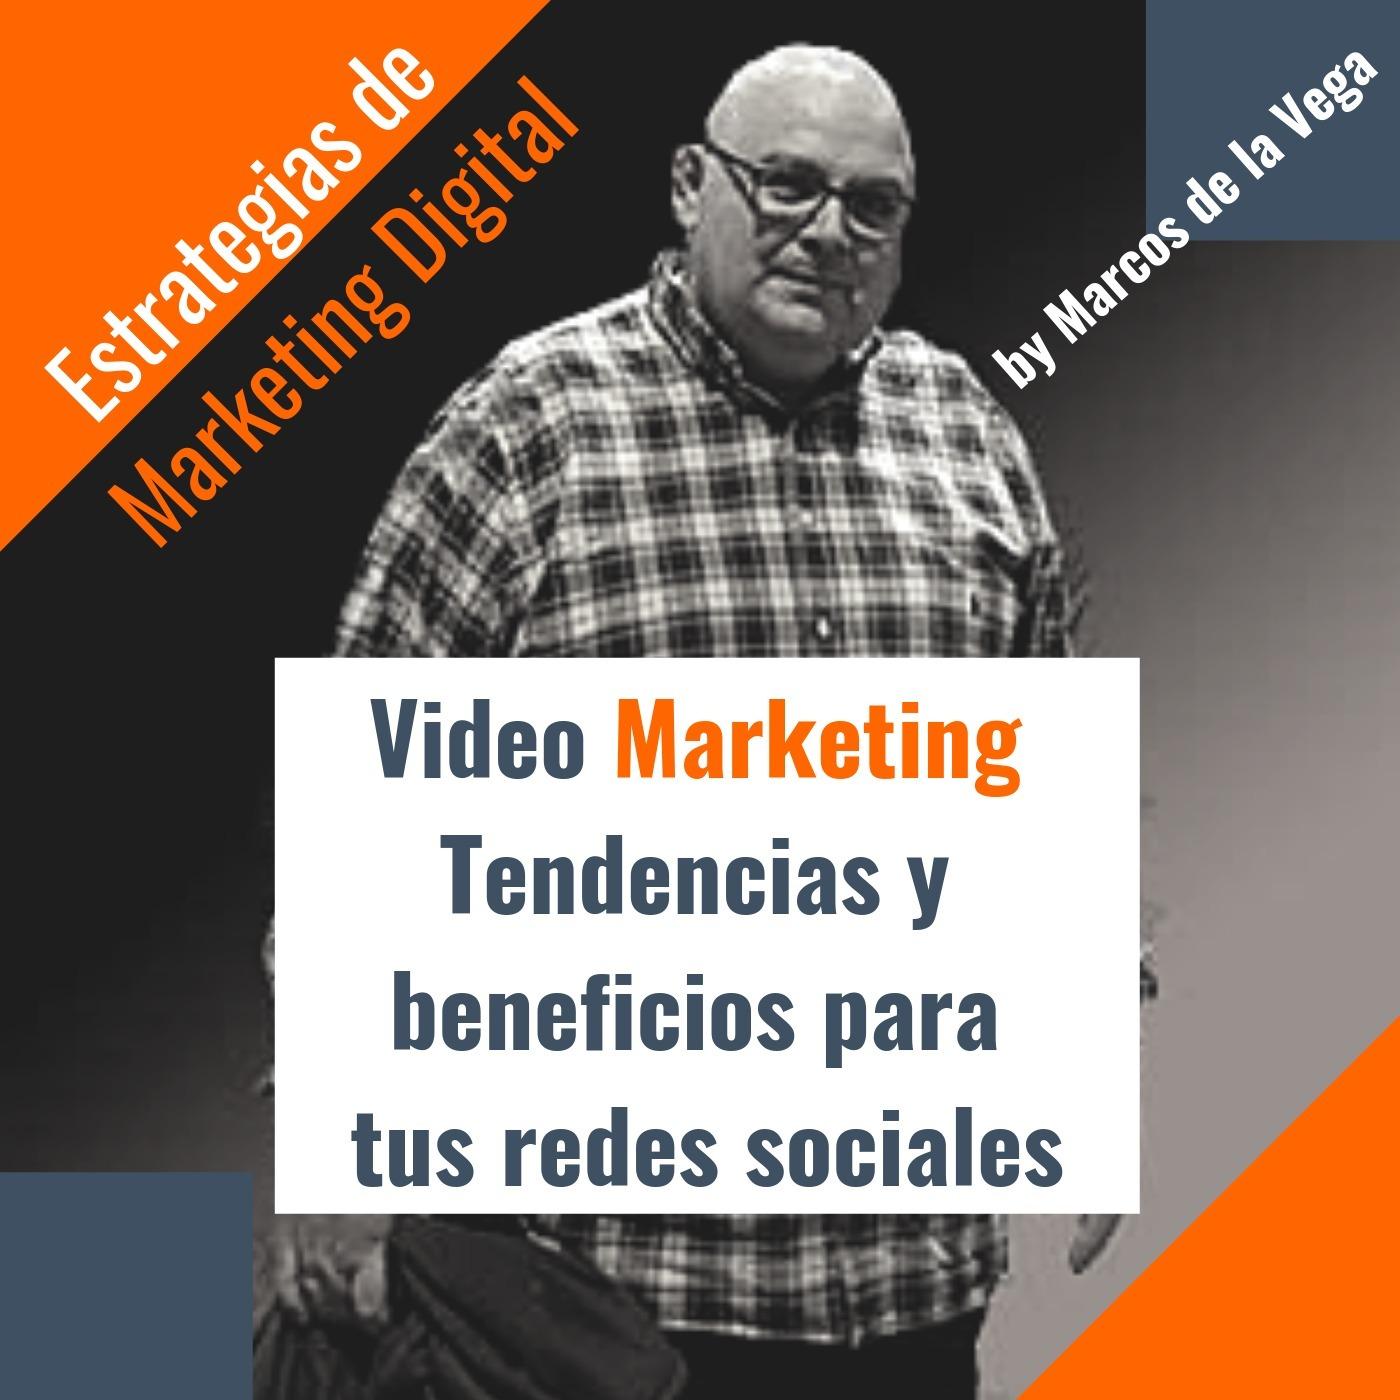 Video Marketing Tendencias y beneficios para tus redes sociales